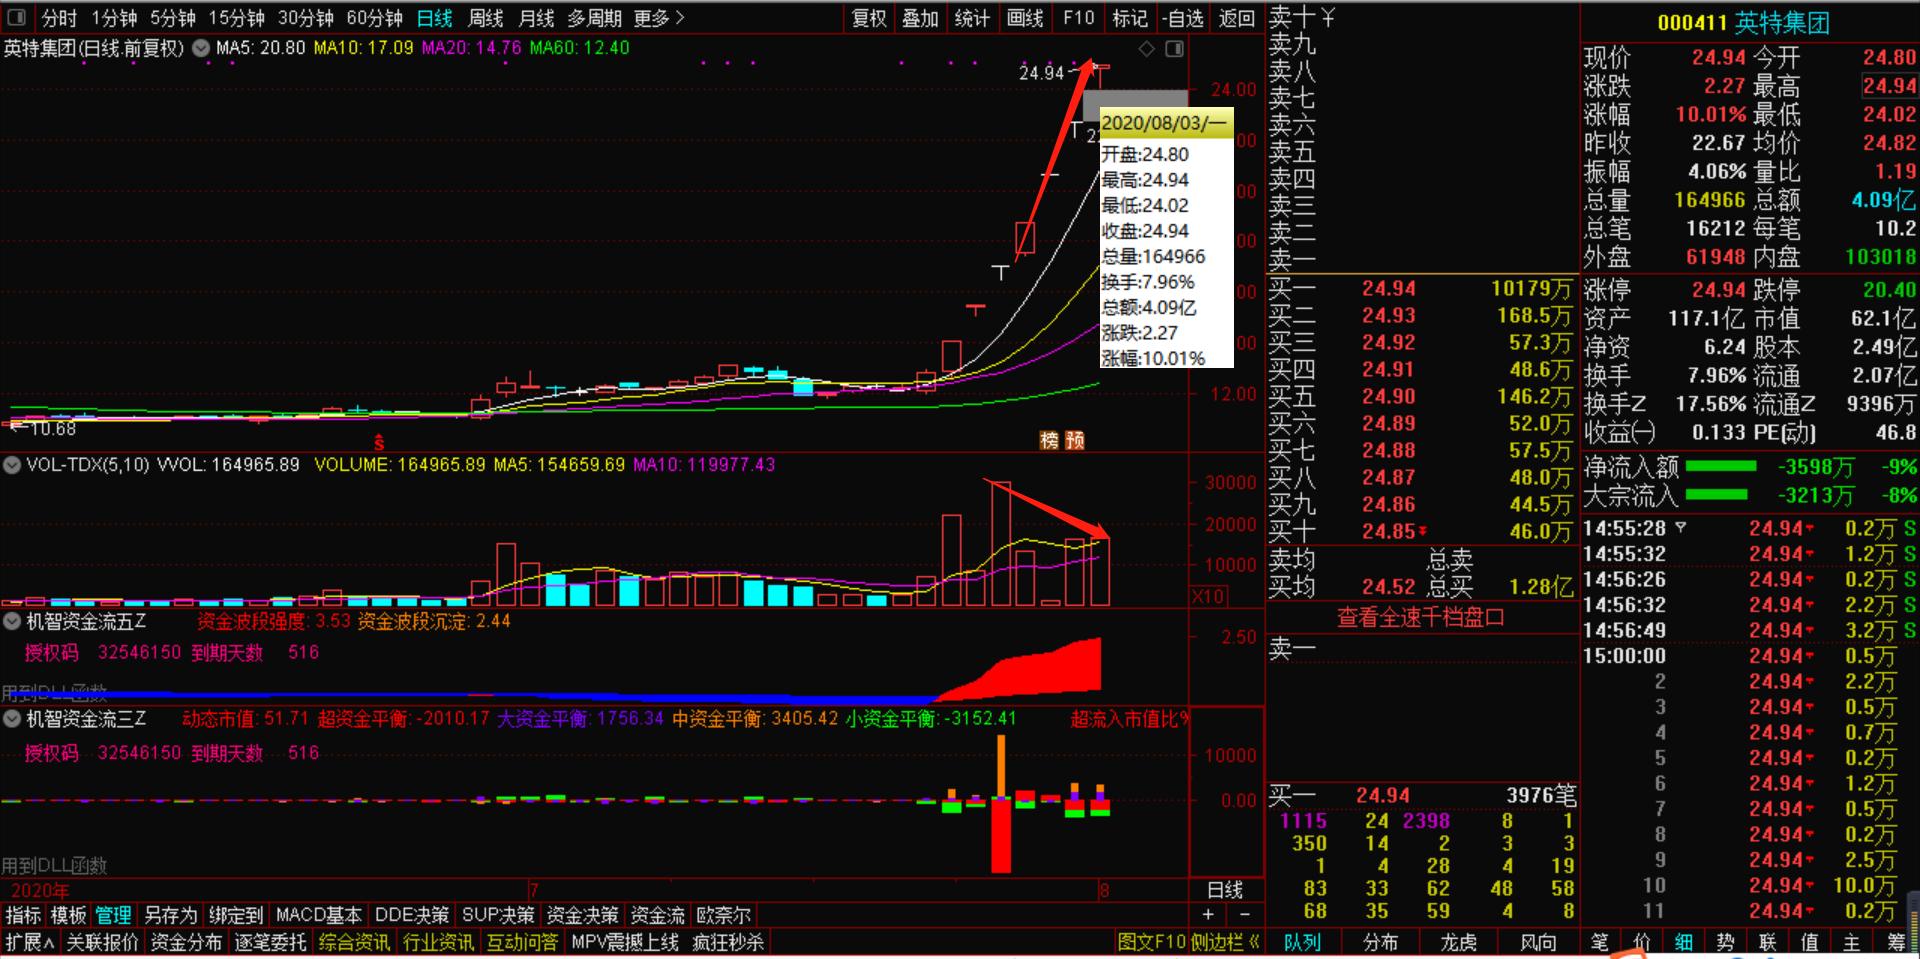 8月4号机智资金流|A股市场短线风险来临后,应该第一时间要怎么做?